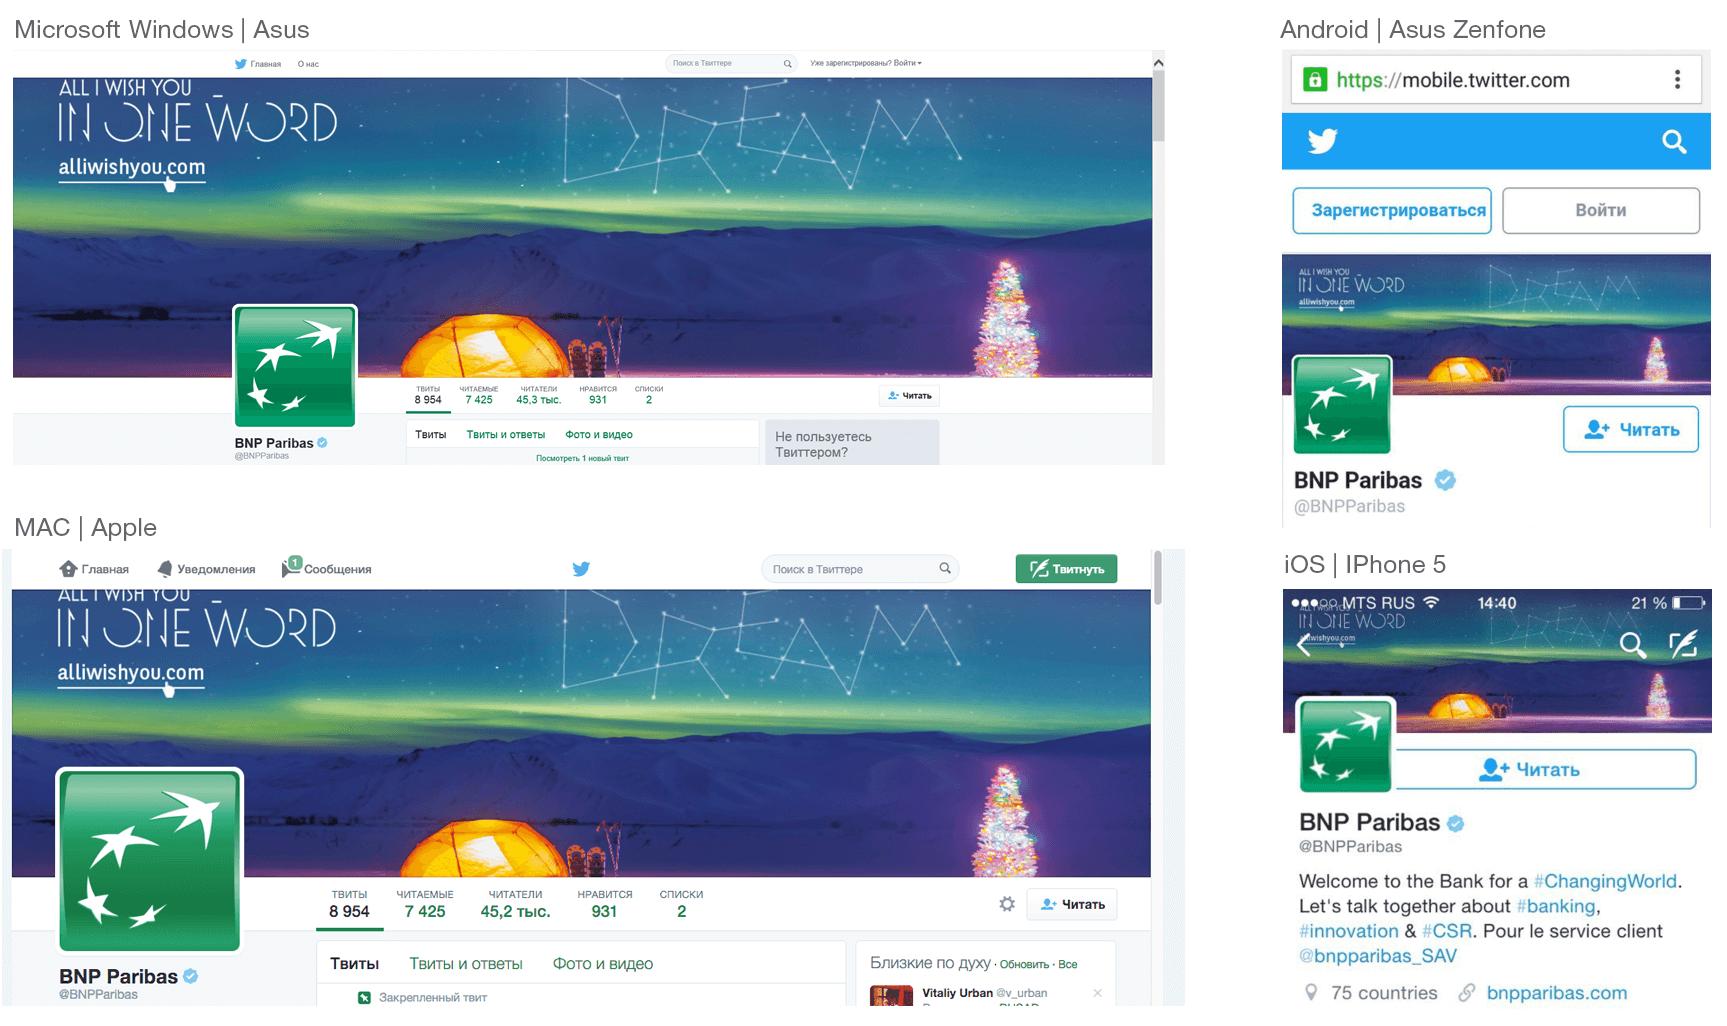 Как оформить аккаунт в соцмедиа в соответствии с последними трендами